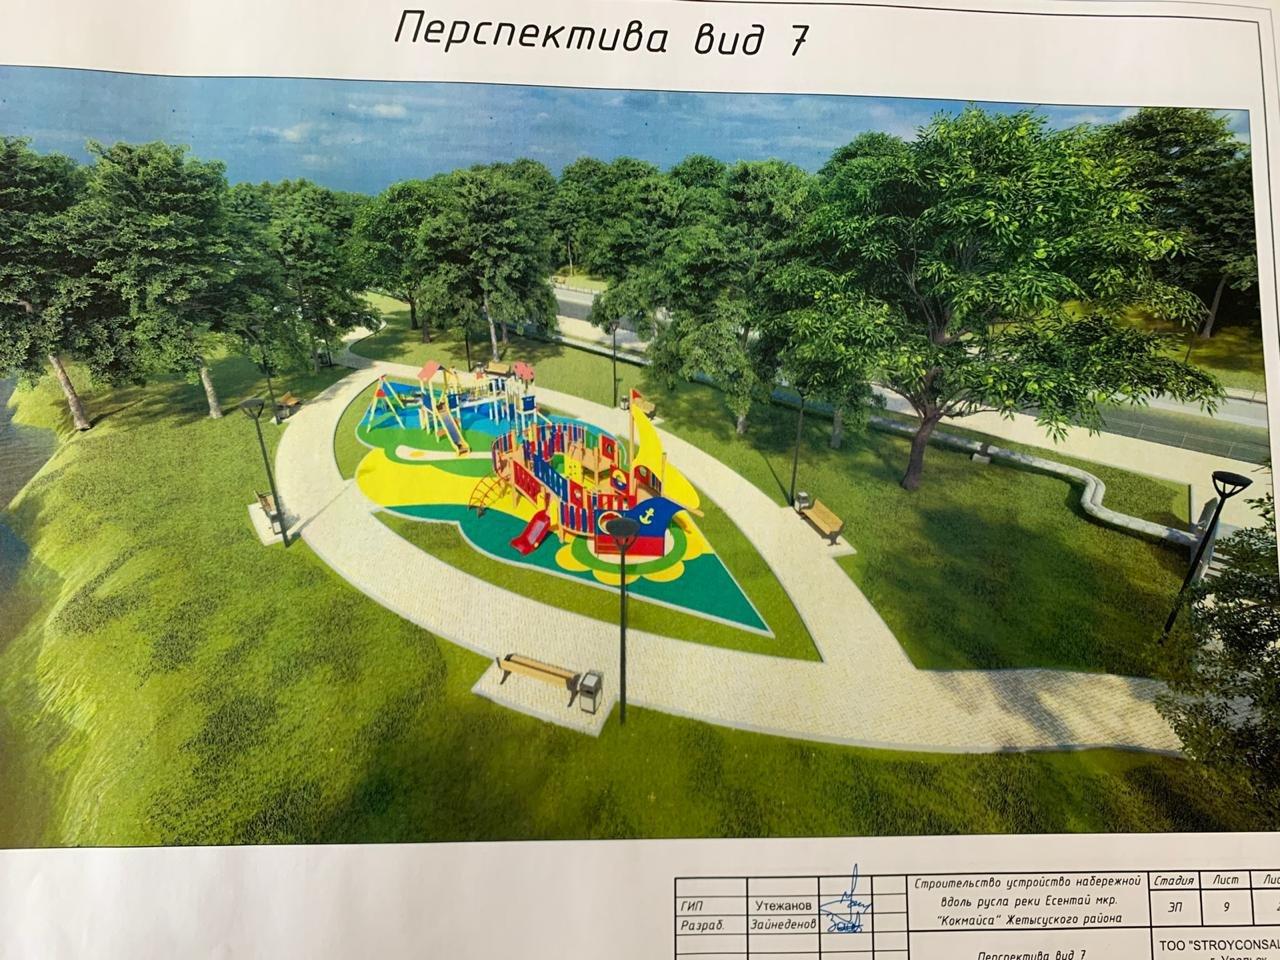 В Жетысуском районе Алматы планируют построить парковую зону вдоль набережной реки Есентай, фото-11